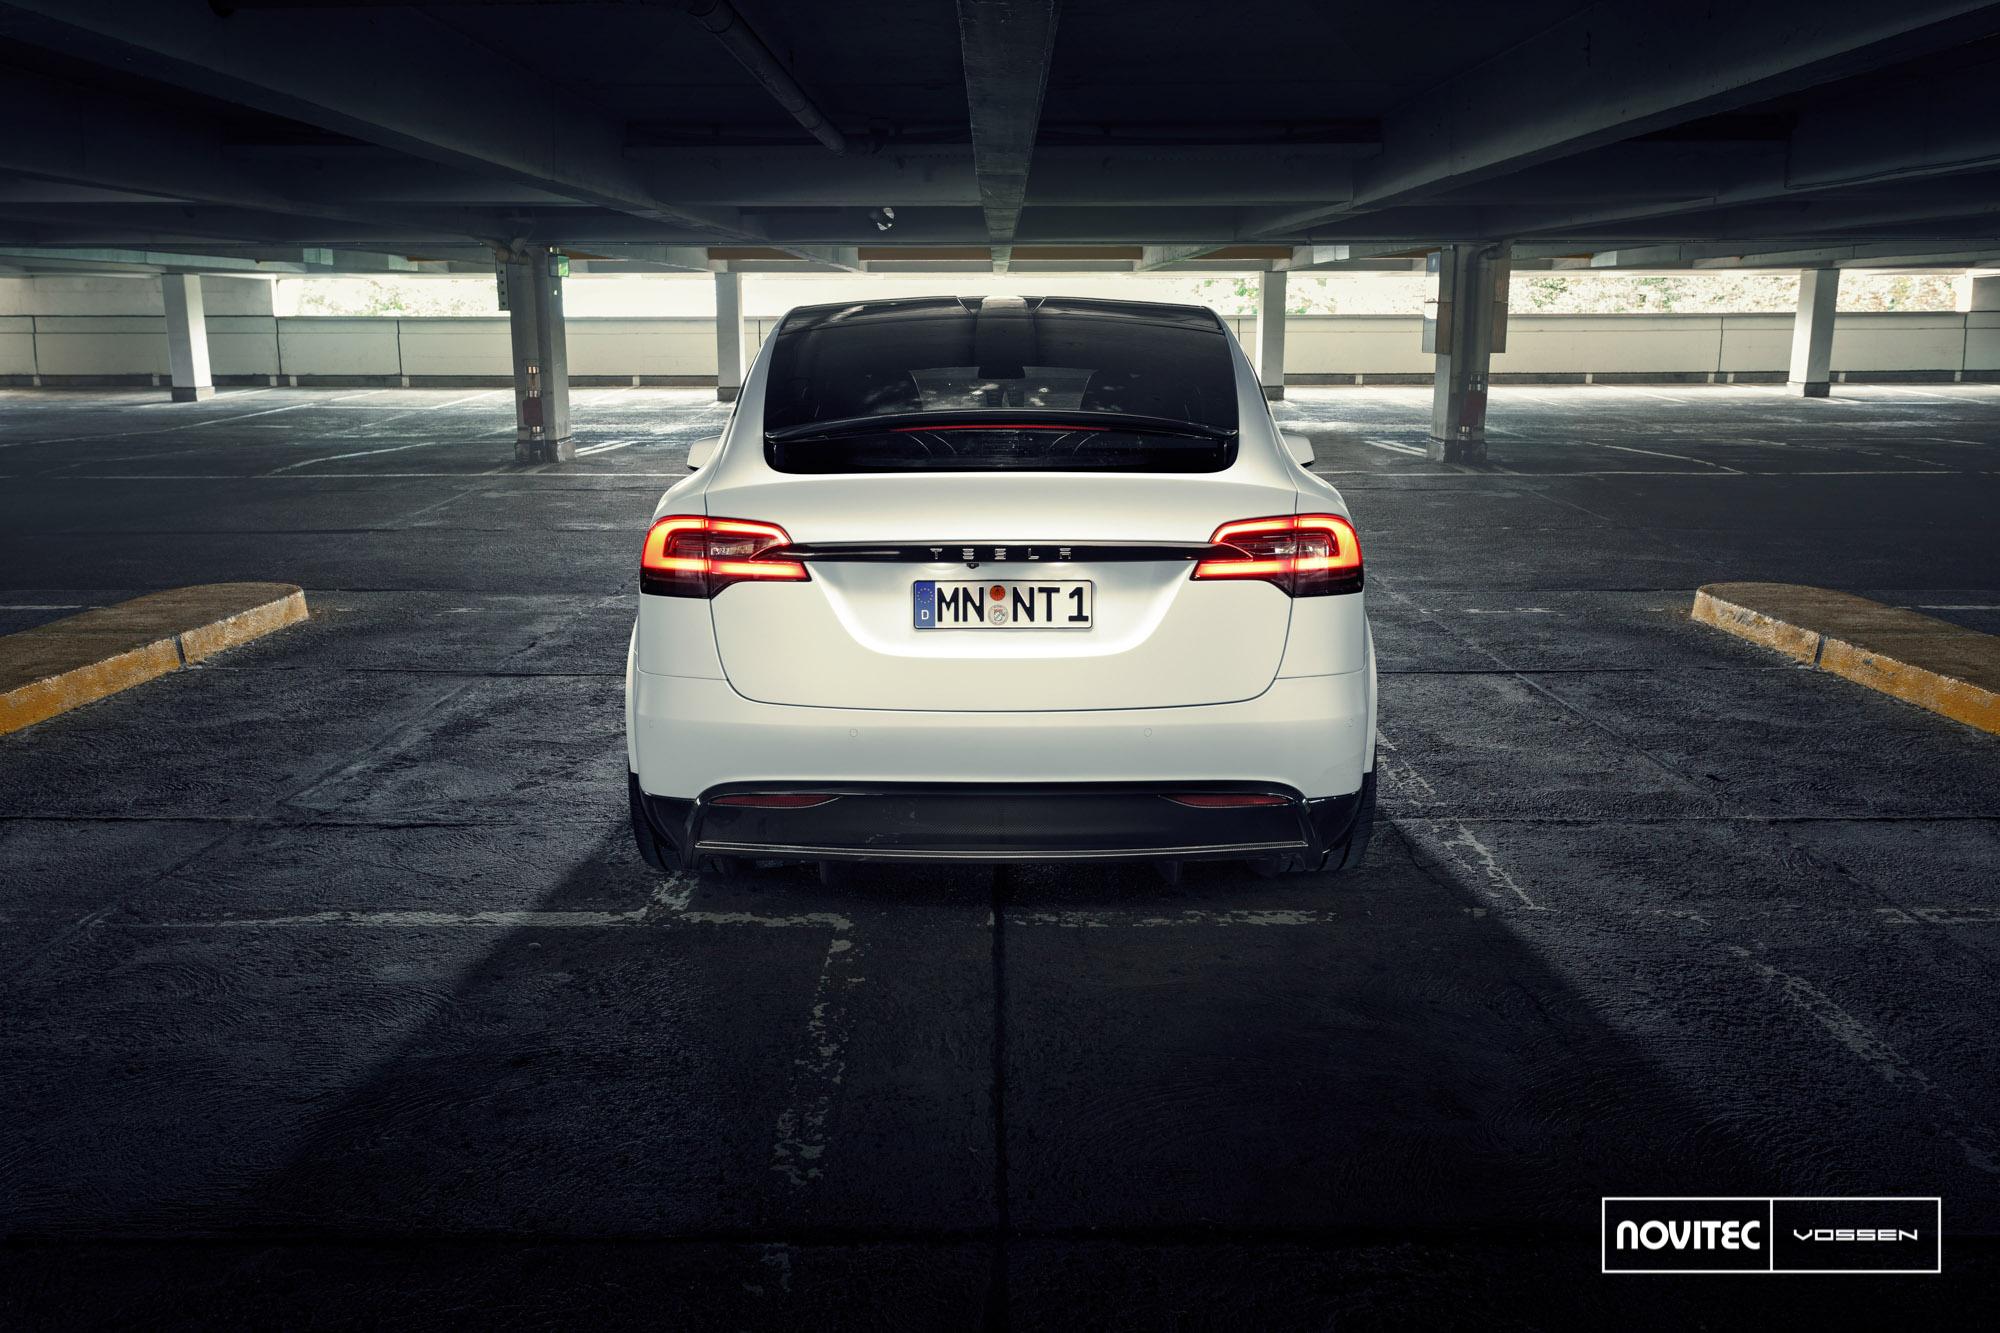 Novitec Model X